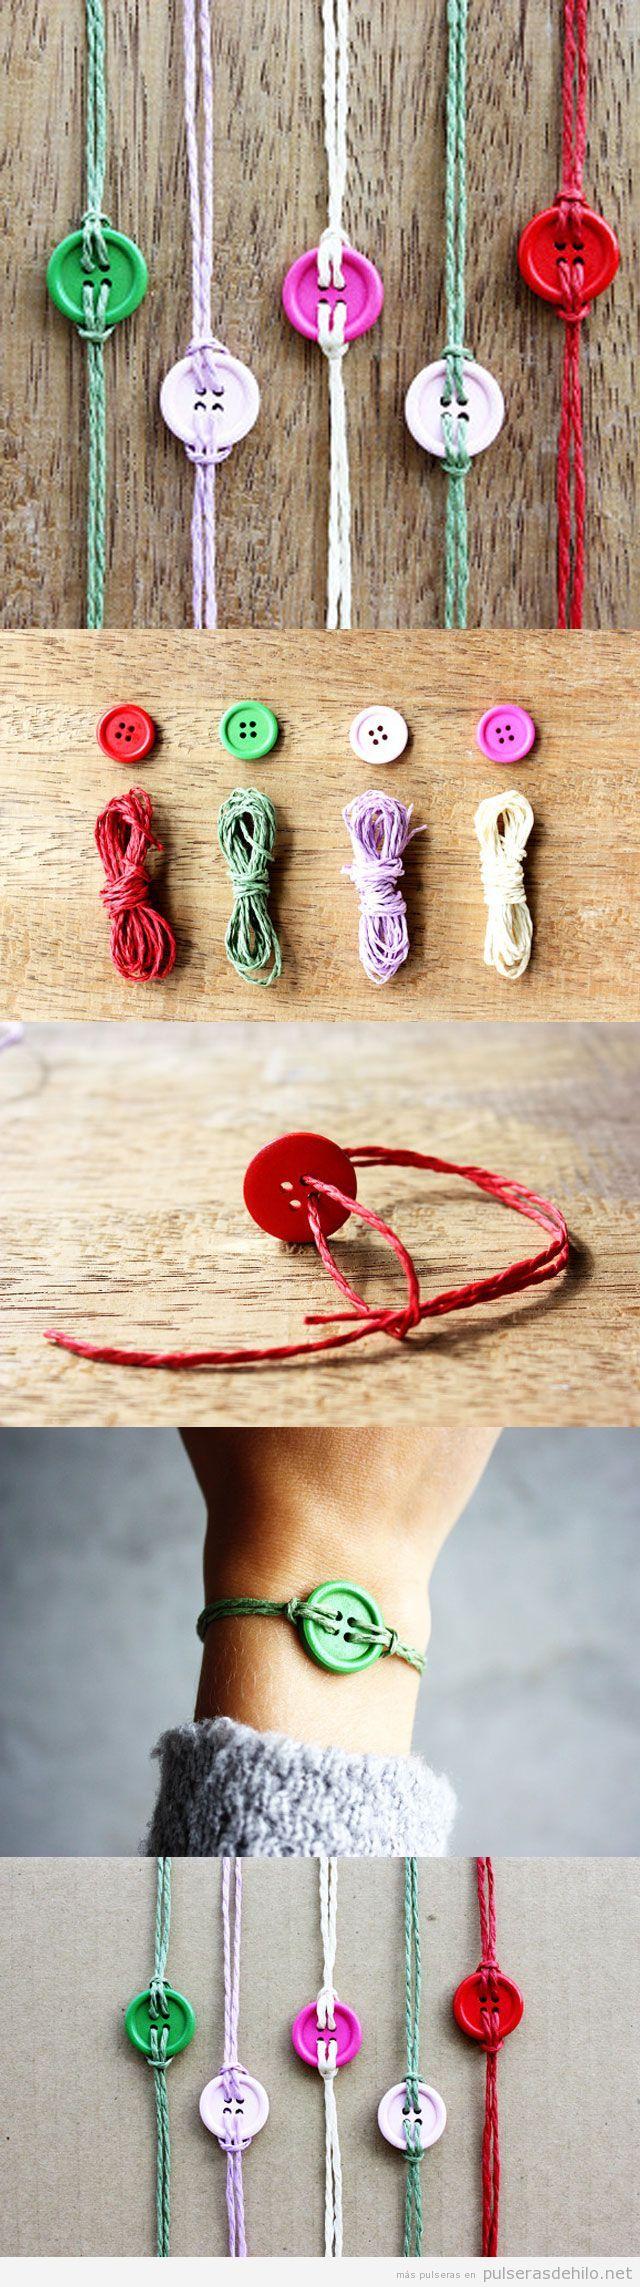 Tutorial pulsera hecha con cuerdas y botones, paso a paso